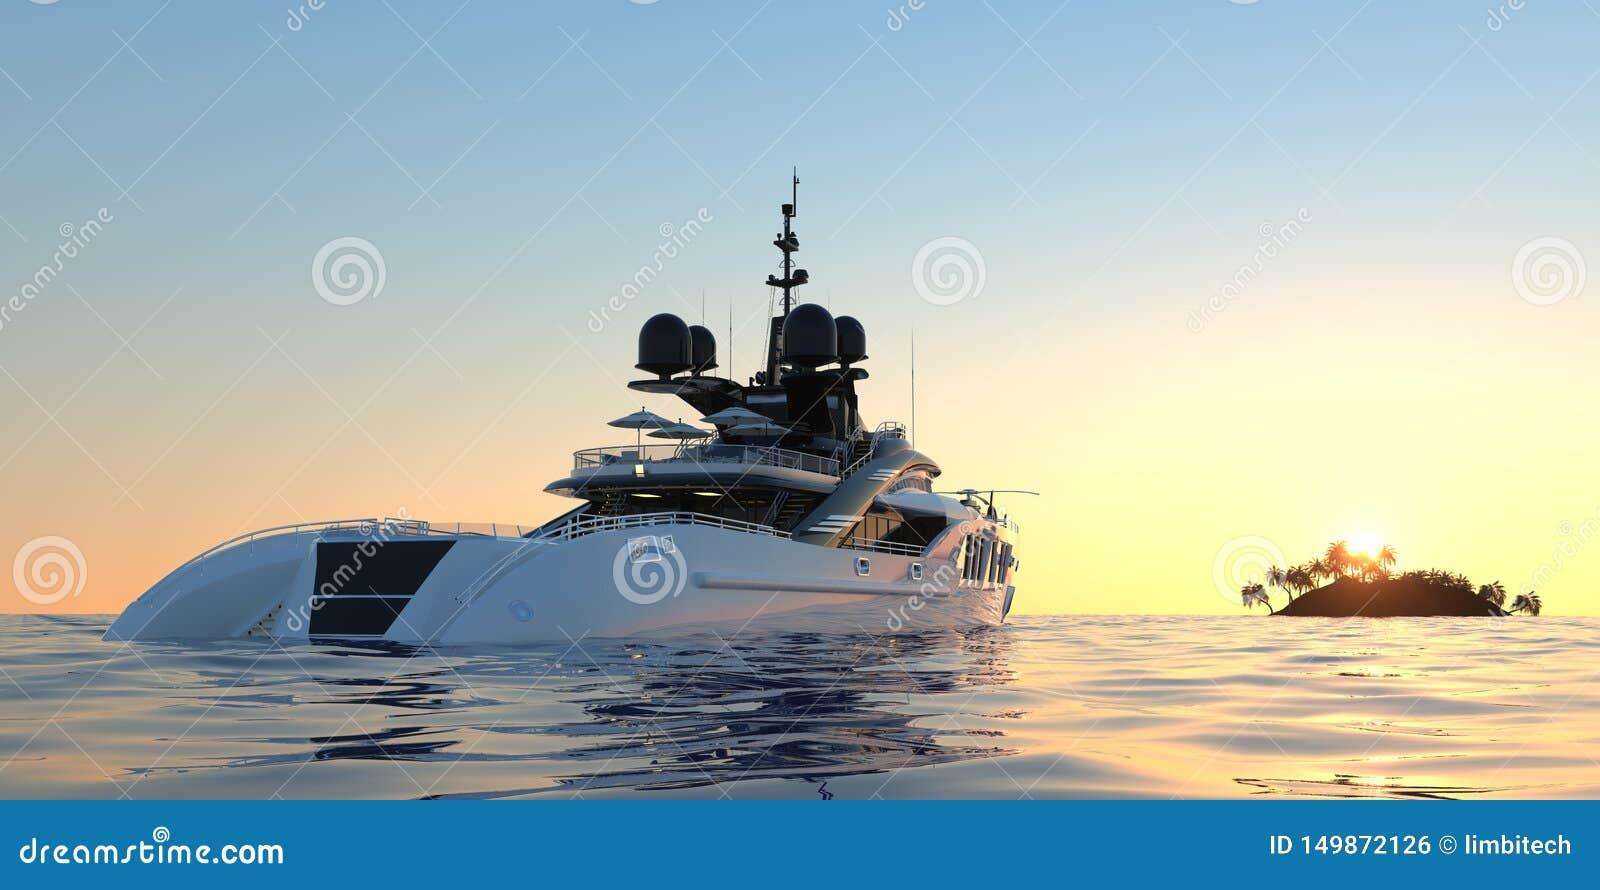 Ilustração 3d photorealistic de alta resolução extremamente detalhada e realística de um iate super luxuoso